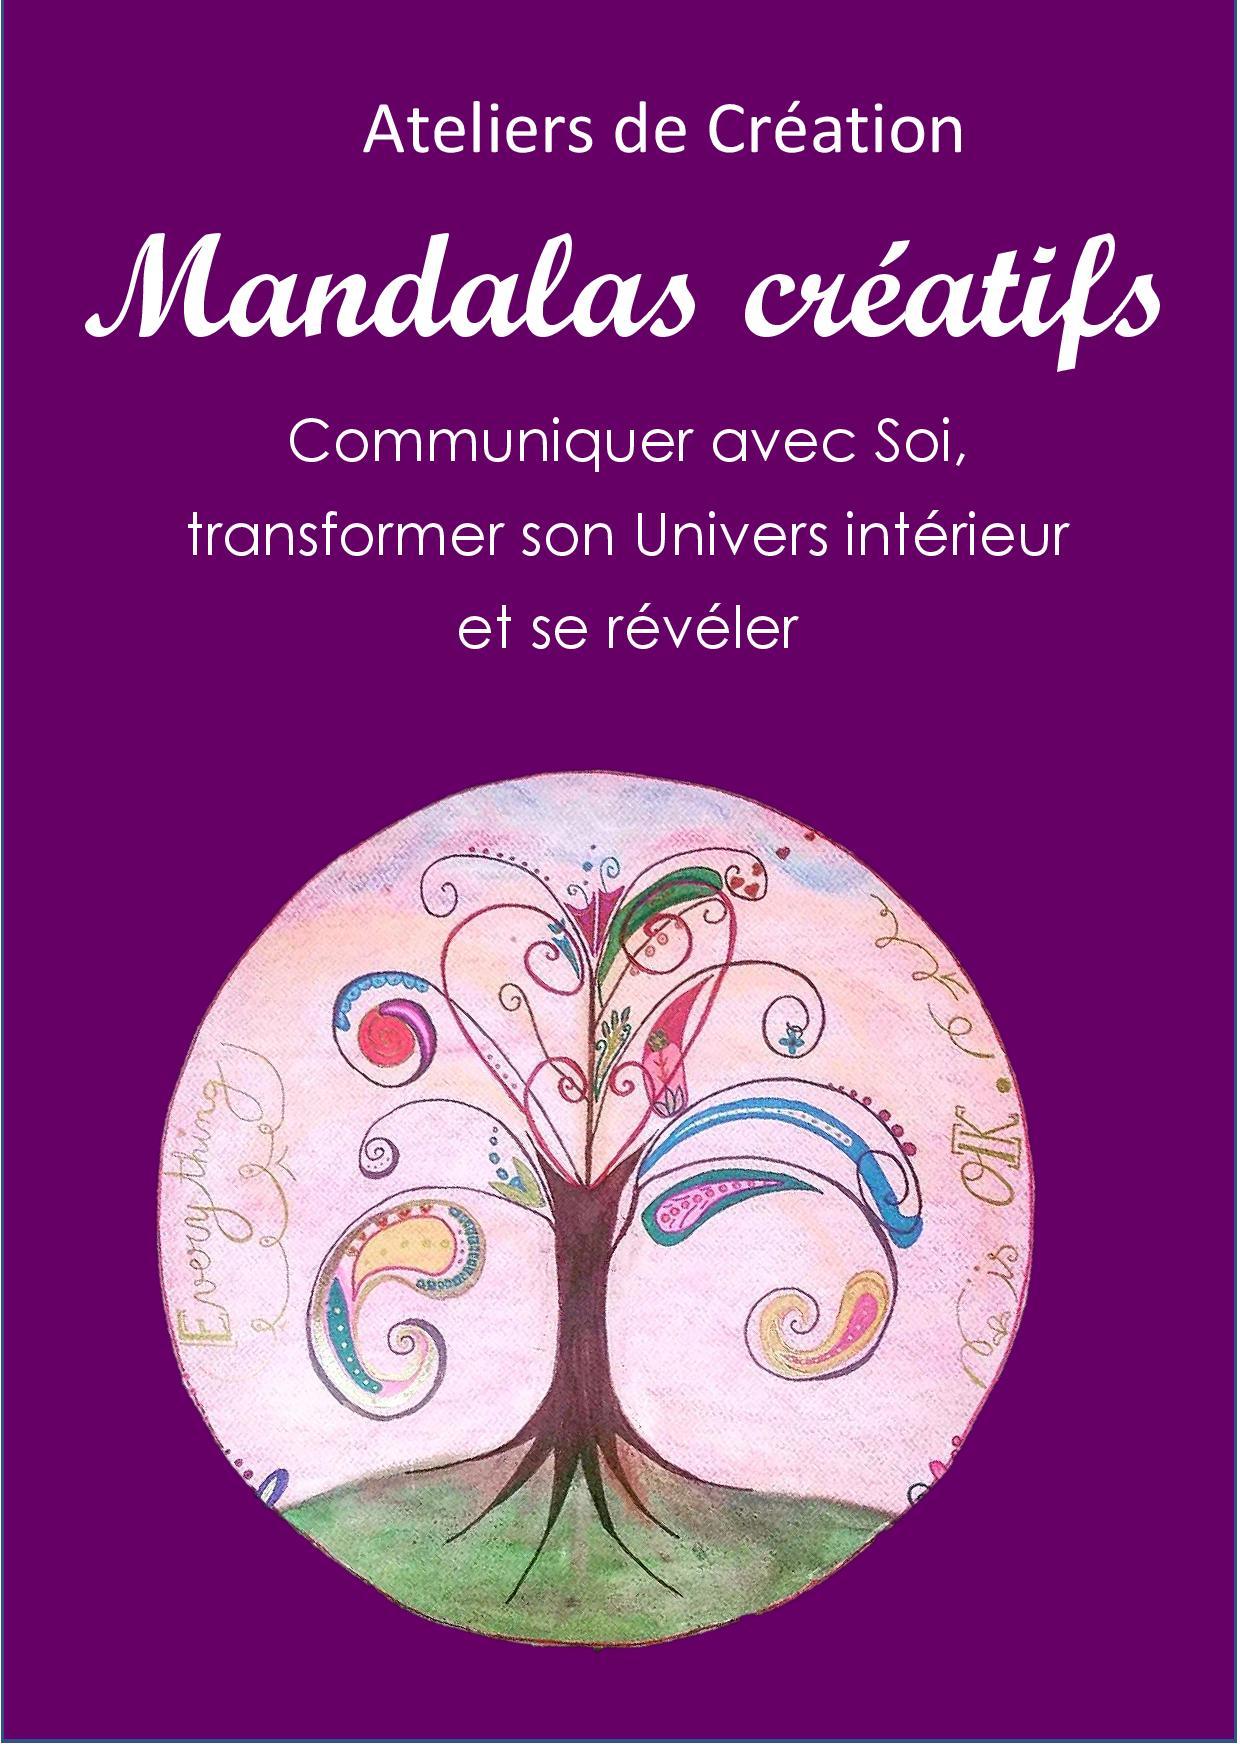 Ateliers Mandalas création créativité développer potentiel créer sa ve thaon sylvie art thérapie coaching par l'art var fréjus saint raphael draguignan sophrologie méditation créative relaxation1.jpg